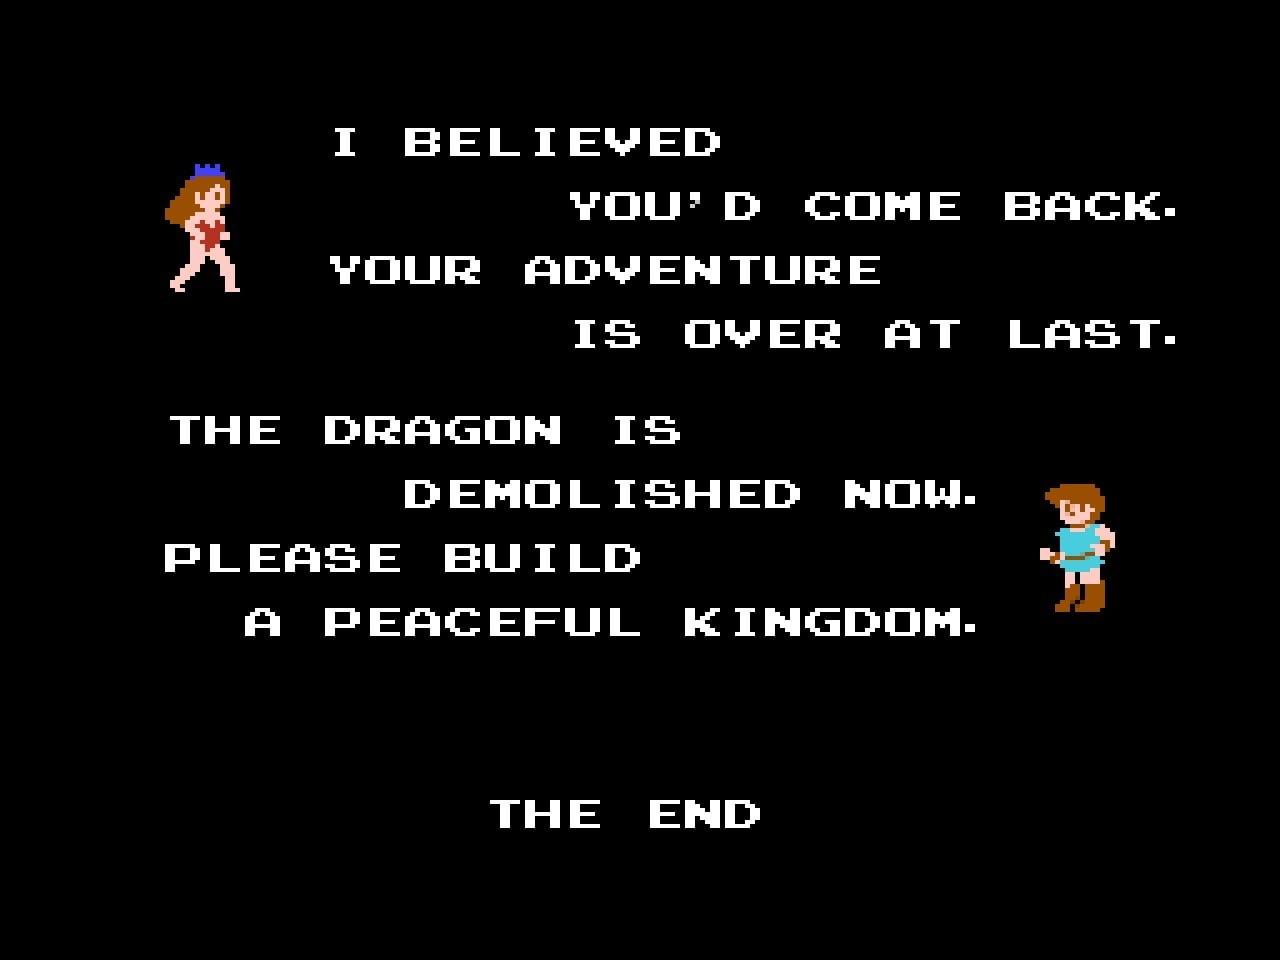 ファミコン版『ドラゴンバスター』金色に輝くカセットに詰まった「2段ジャンプ」「兜割り」習得の記憶の画像010